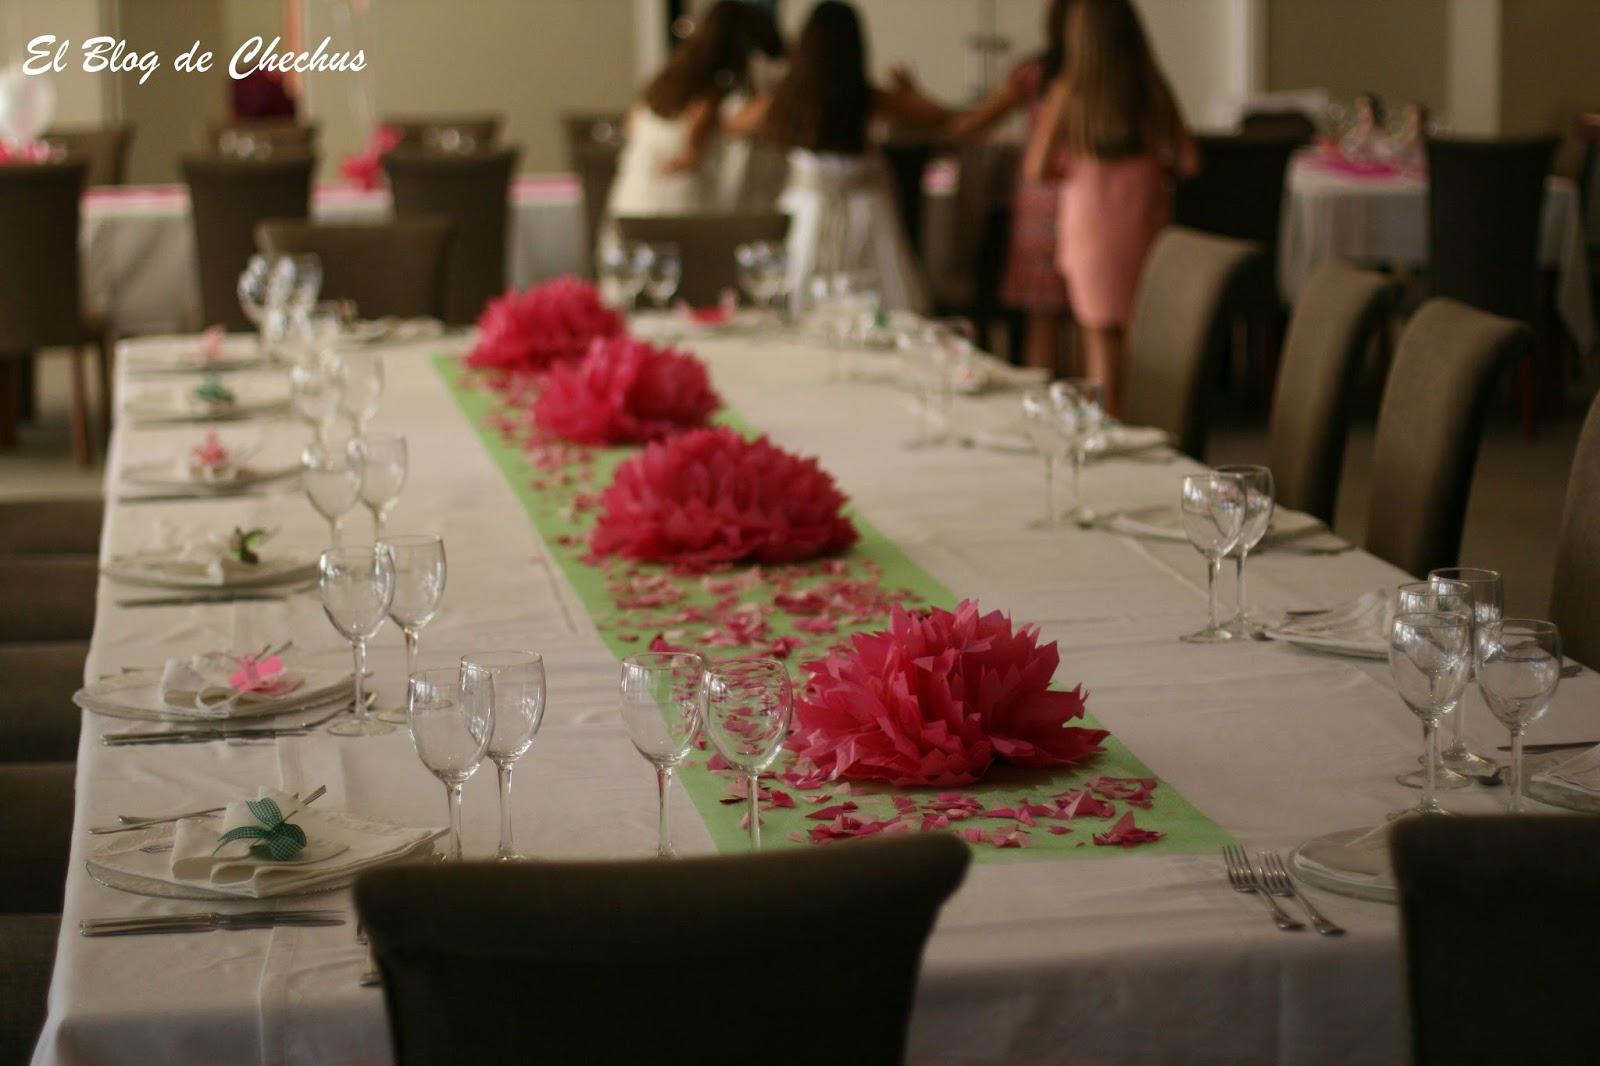 Chechus cupcakes valencia - Decoracion de mesa para comunion ...